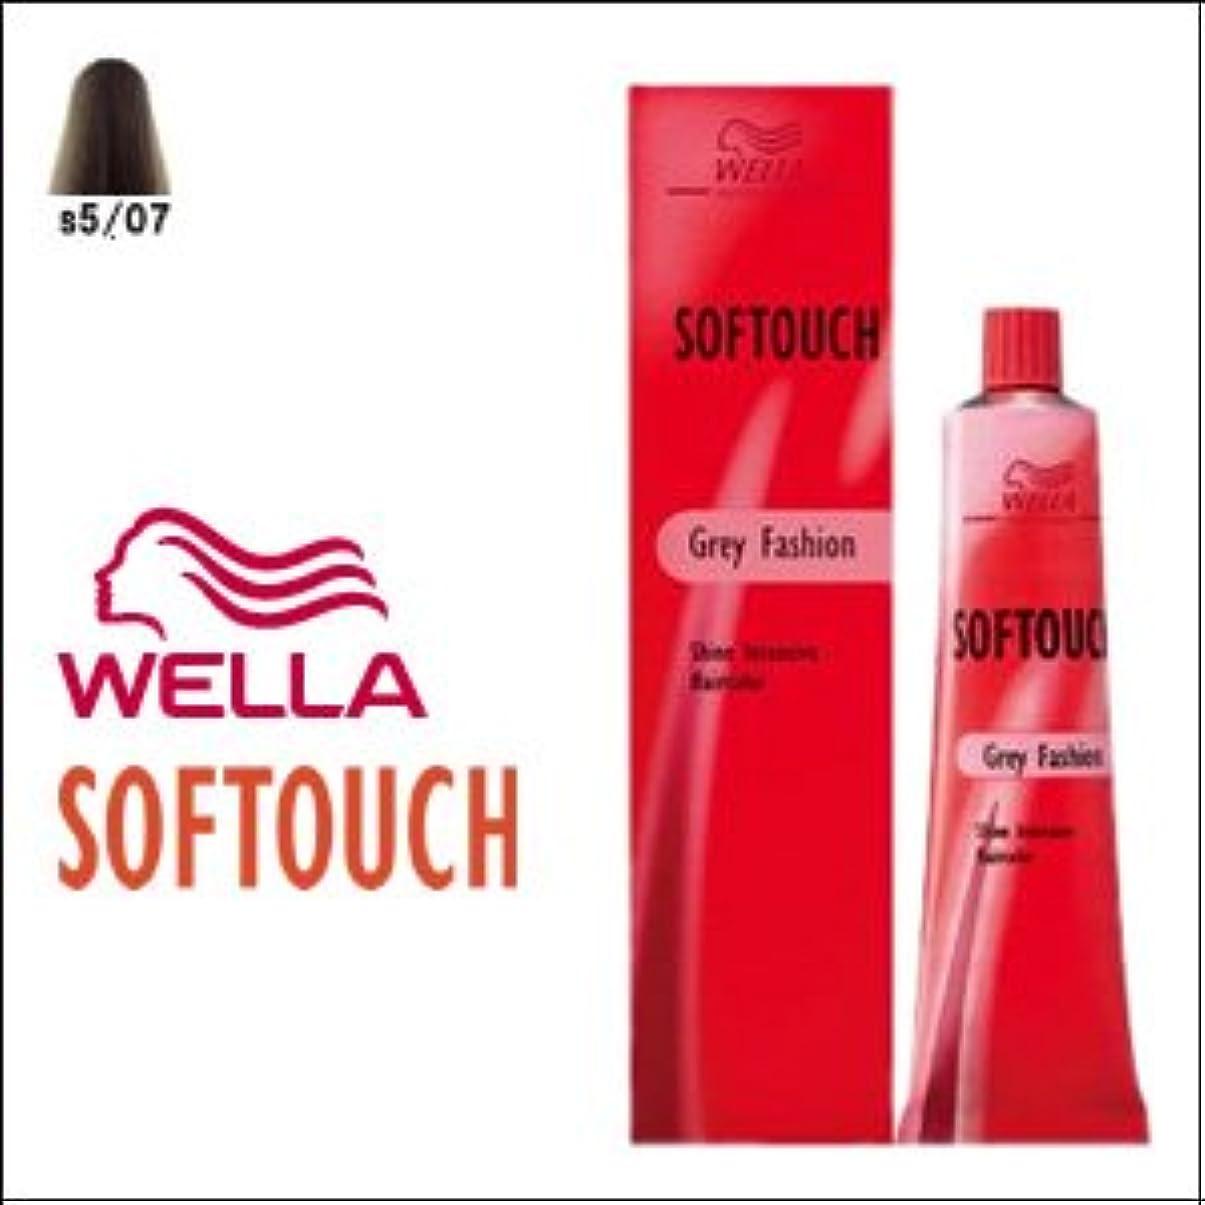 有毒な肥満調和ウエラ ヘアカラー ソフタッチ S5/07 60g